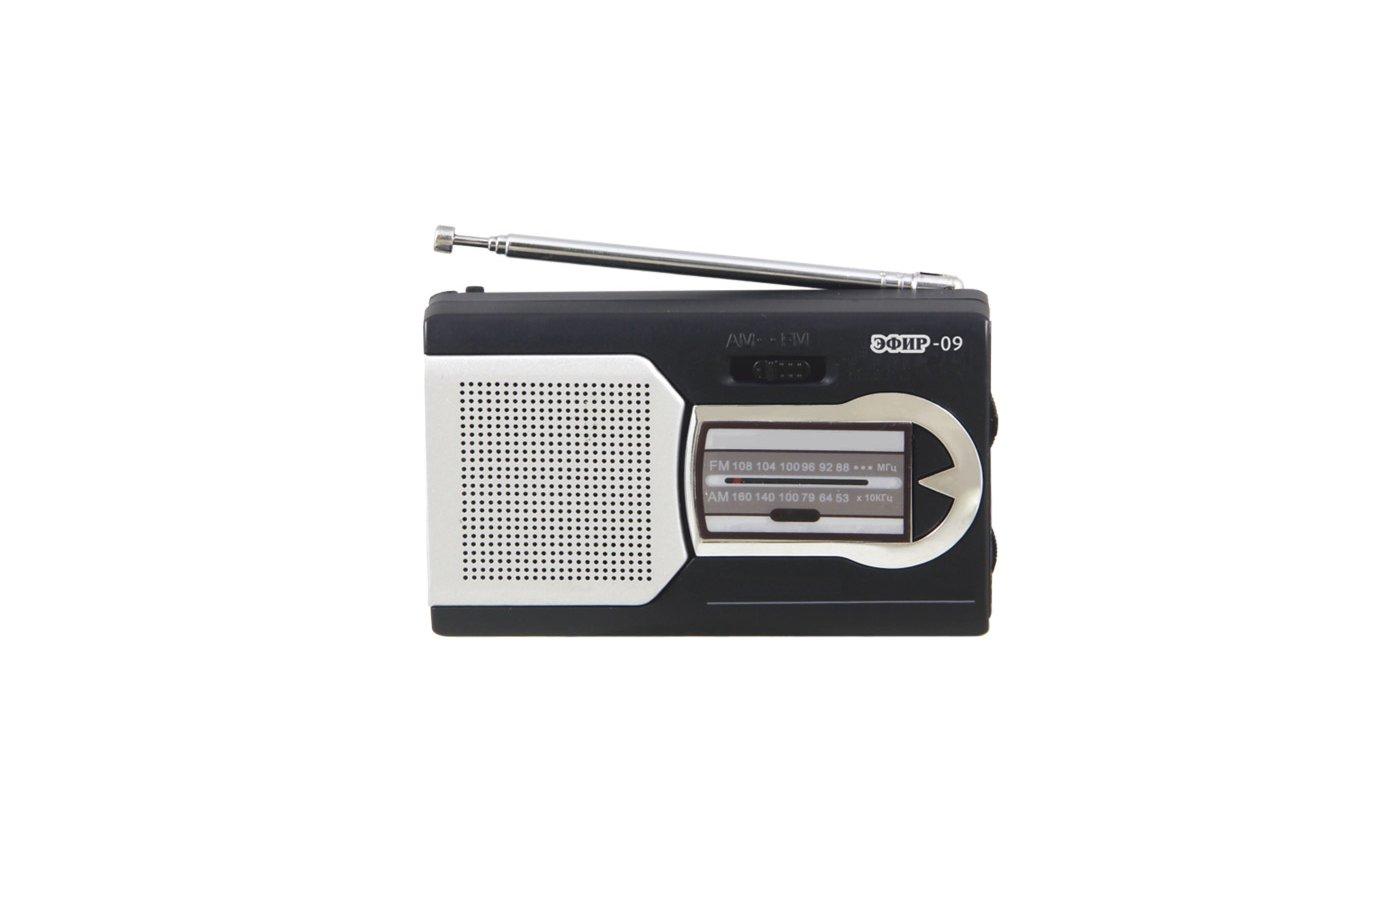 Радиоприемник Эфир-09